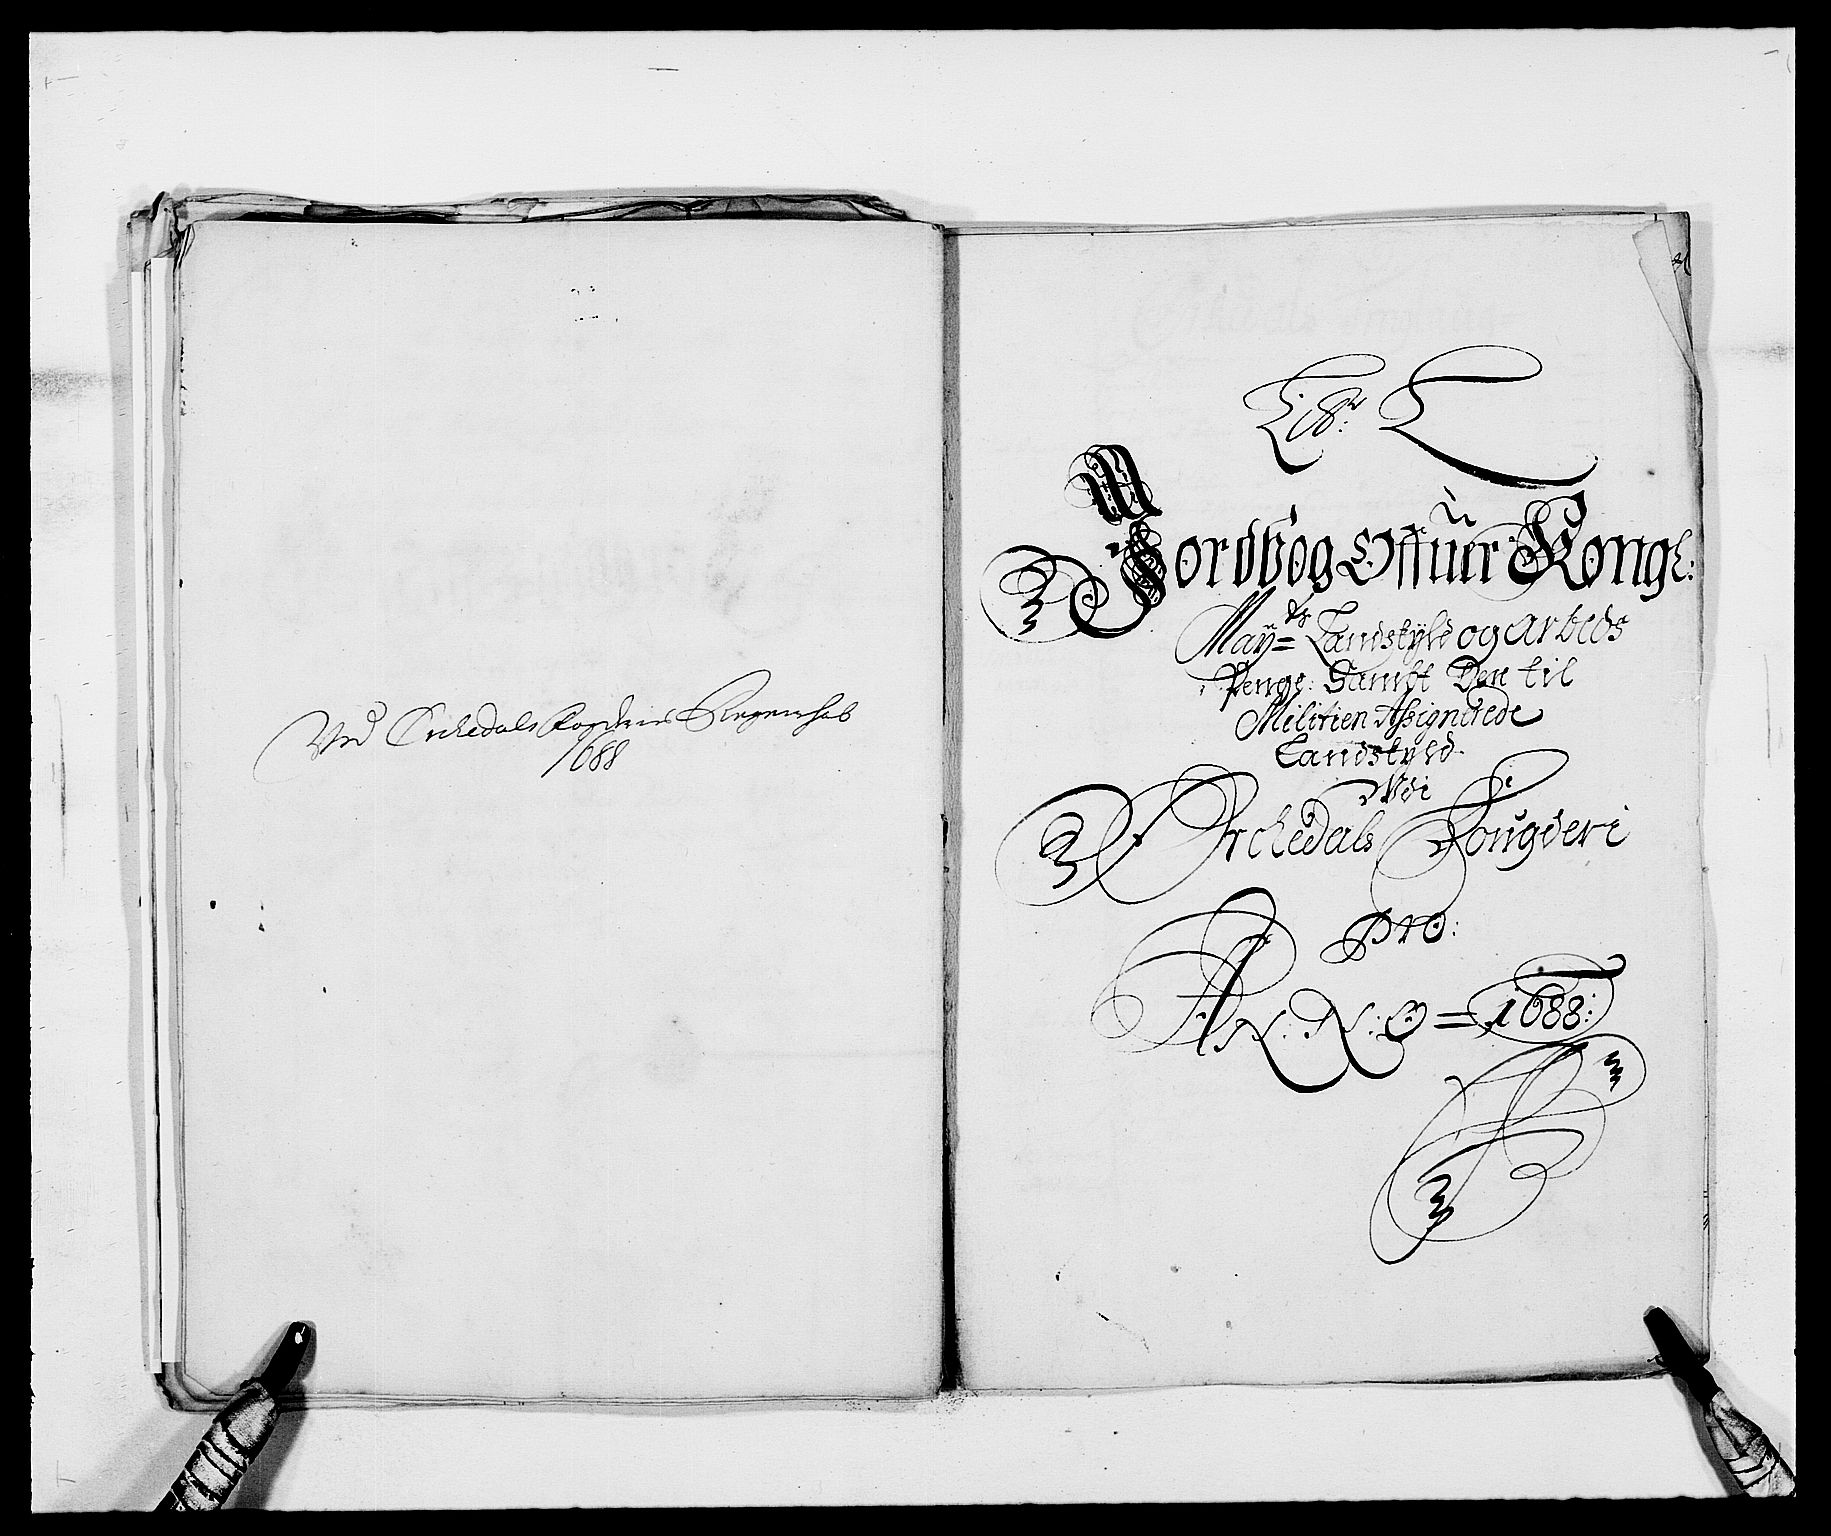 RA, Rentekammeret inntil 1814, Reviderte regnskaper, Fogderegnskap, R58/L3935: Fogderegnskap Orkdal, 1687-1688, s. 329